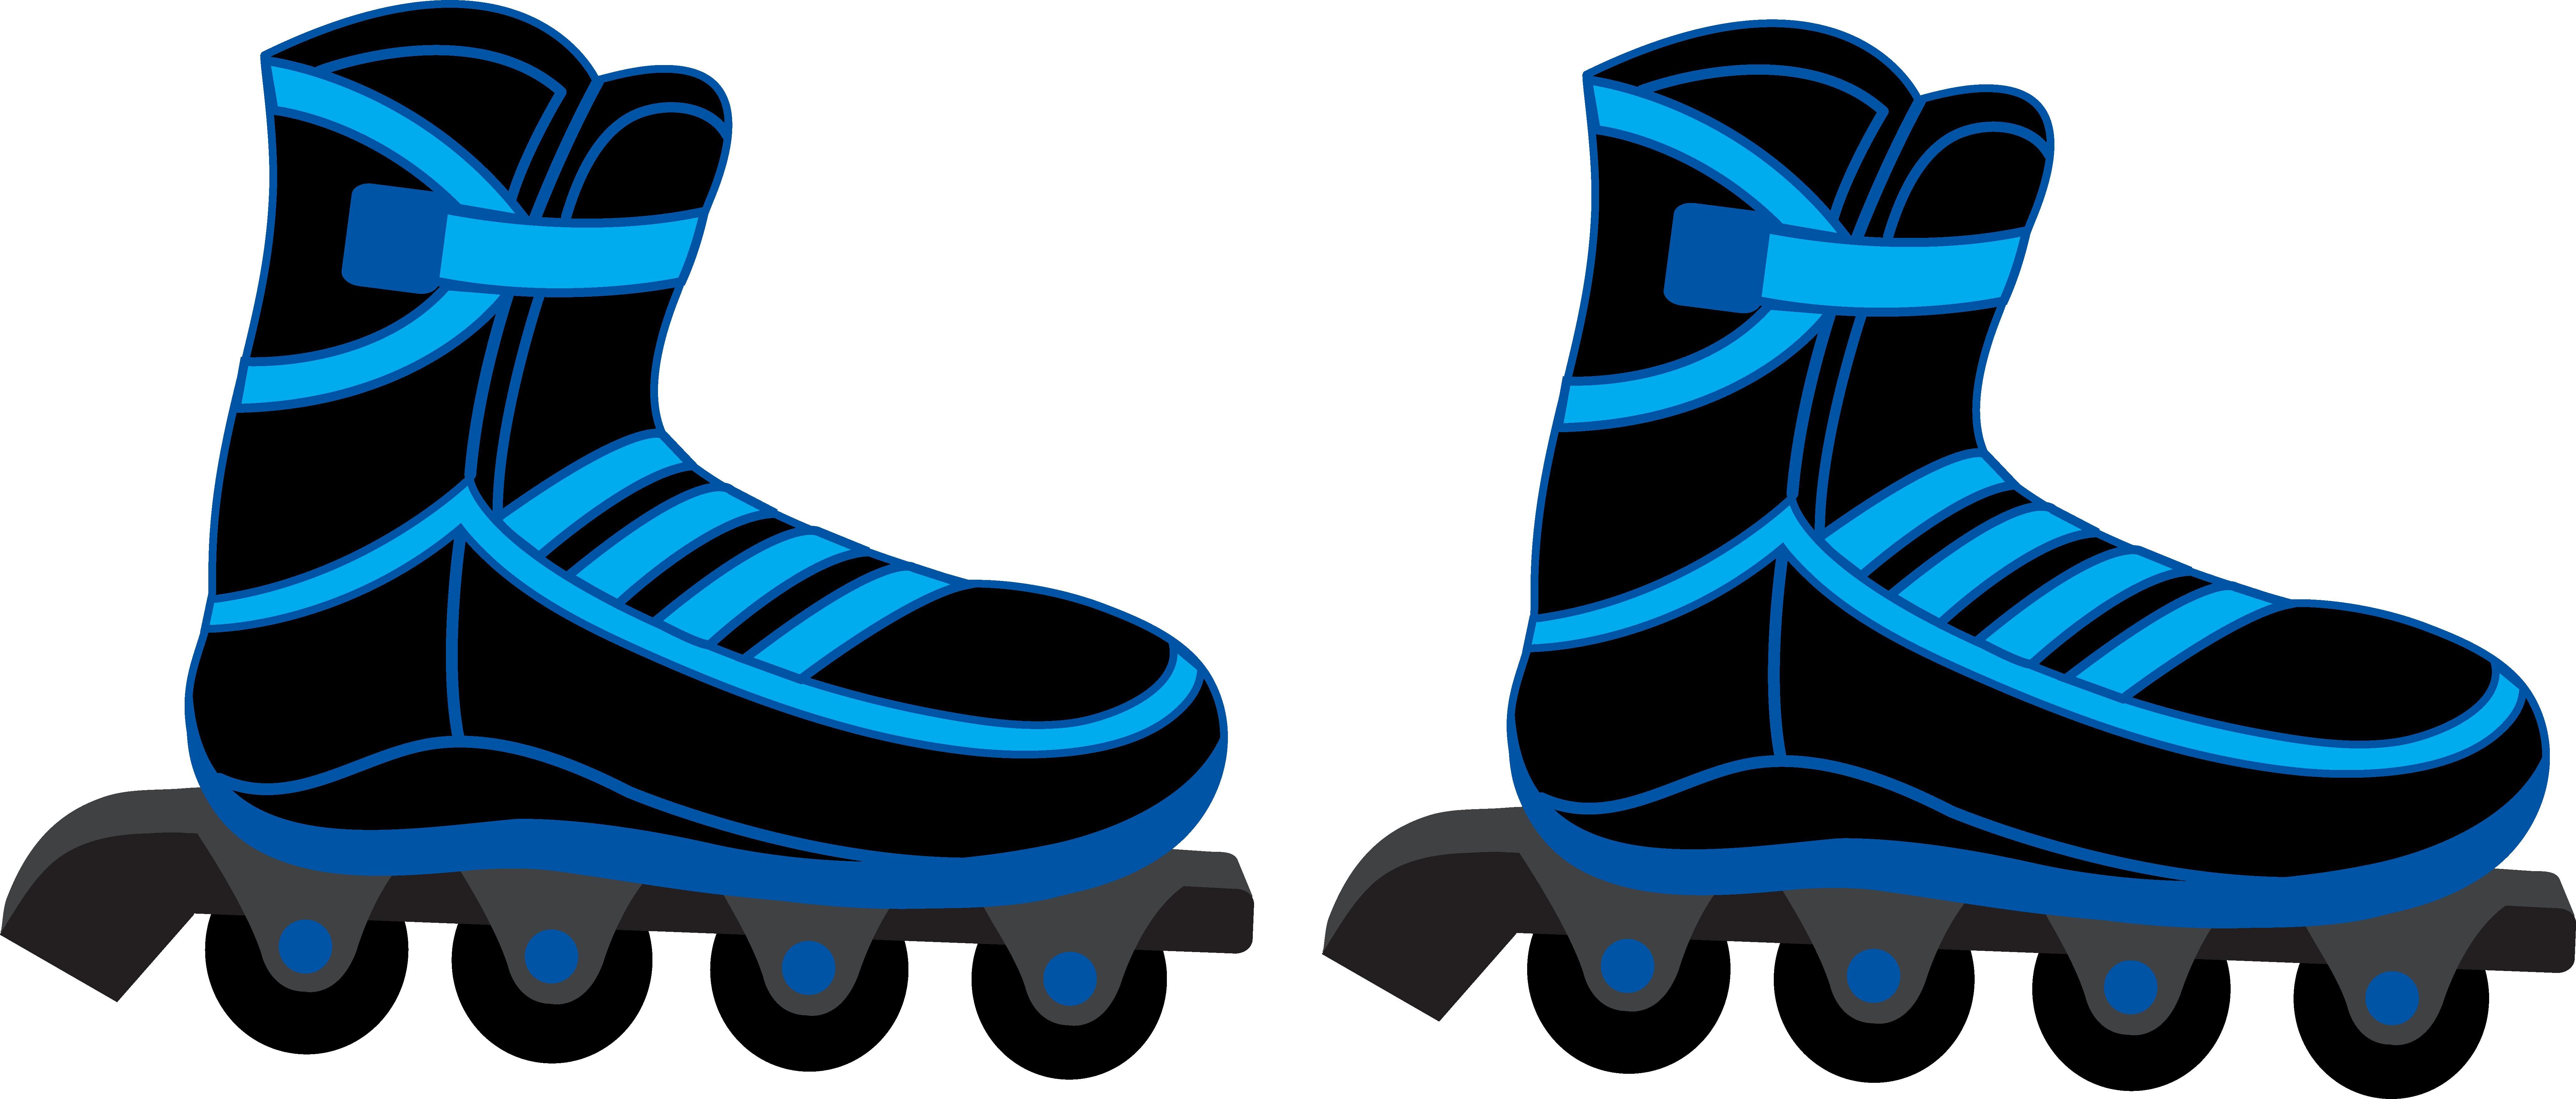 Blur clipart roller skate Roller Clipart skates Roller Clipart